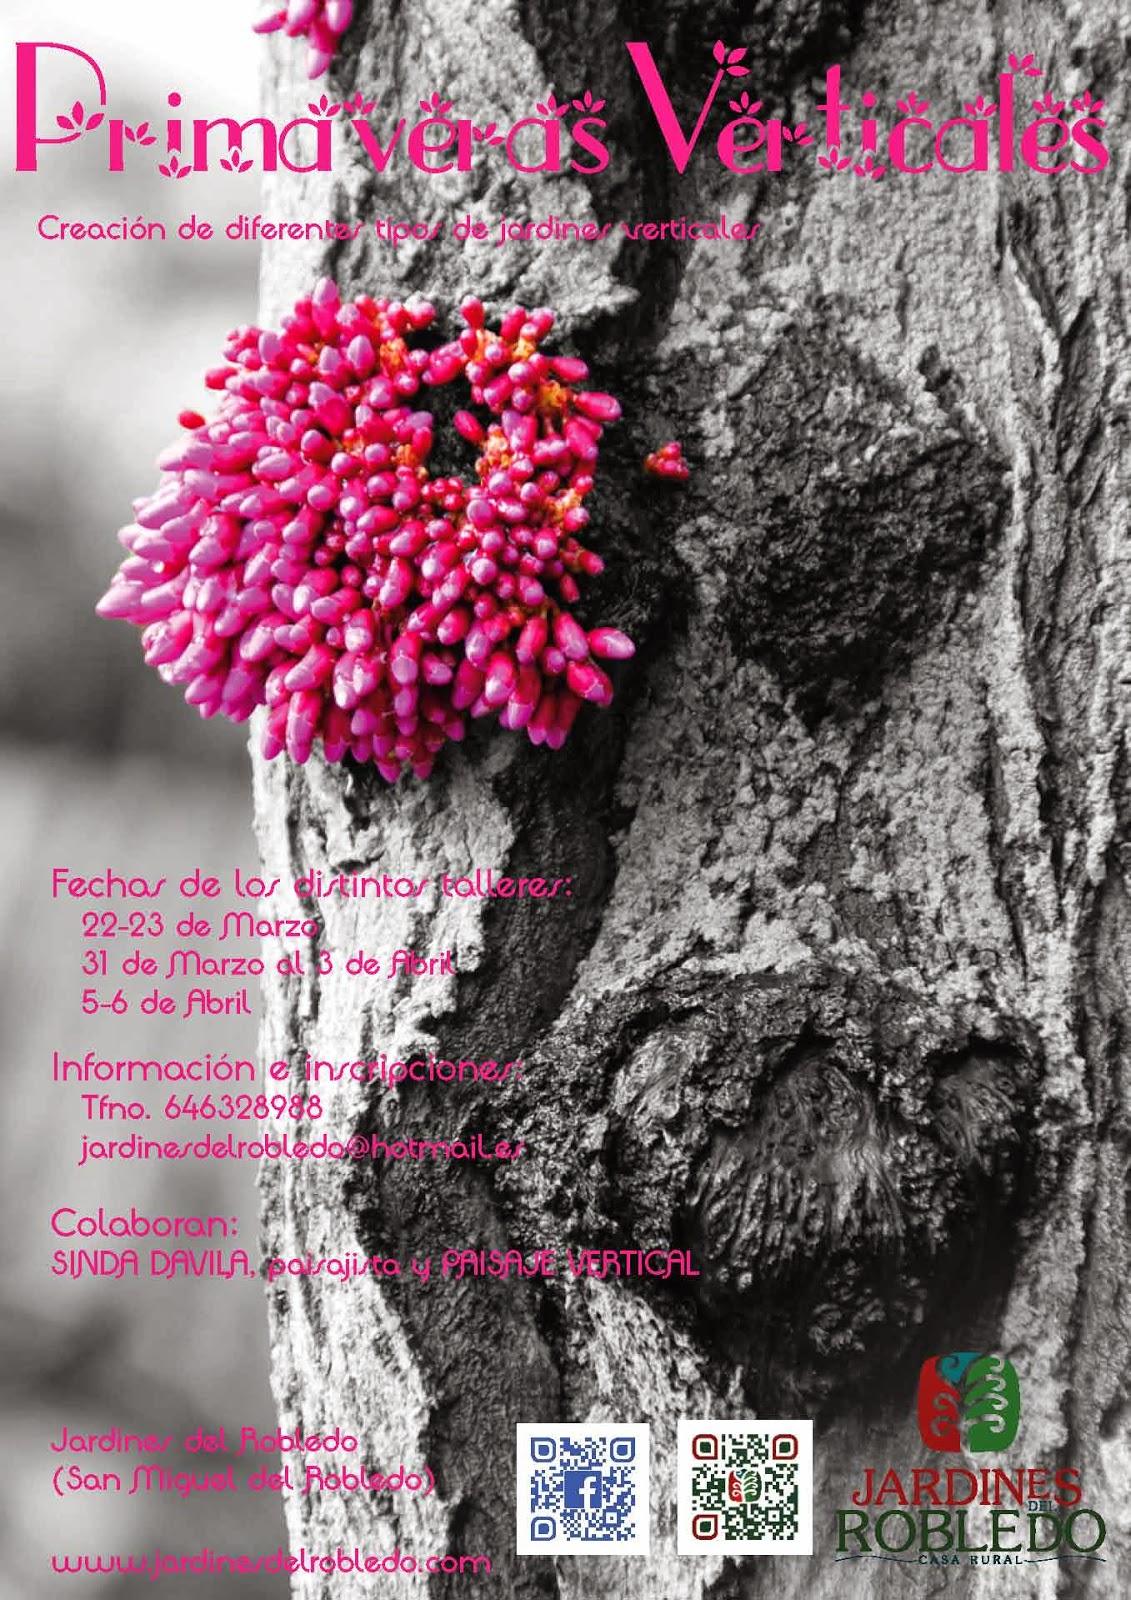 22/Marzo: Primaveras Verticales. San Miguel del Robledo, San Miguel del Robledo, Jardinería, Curso, Formación, Naturaleza,